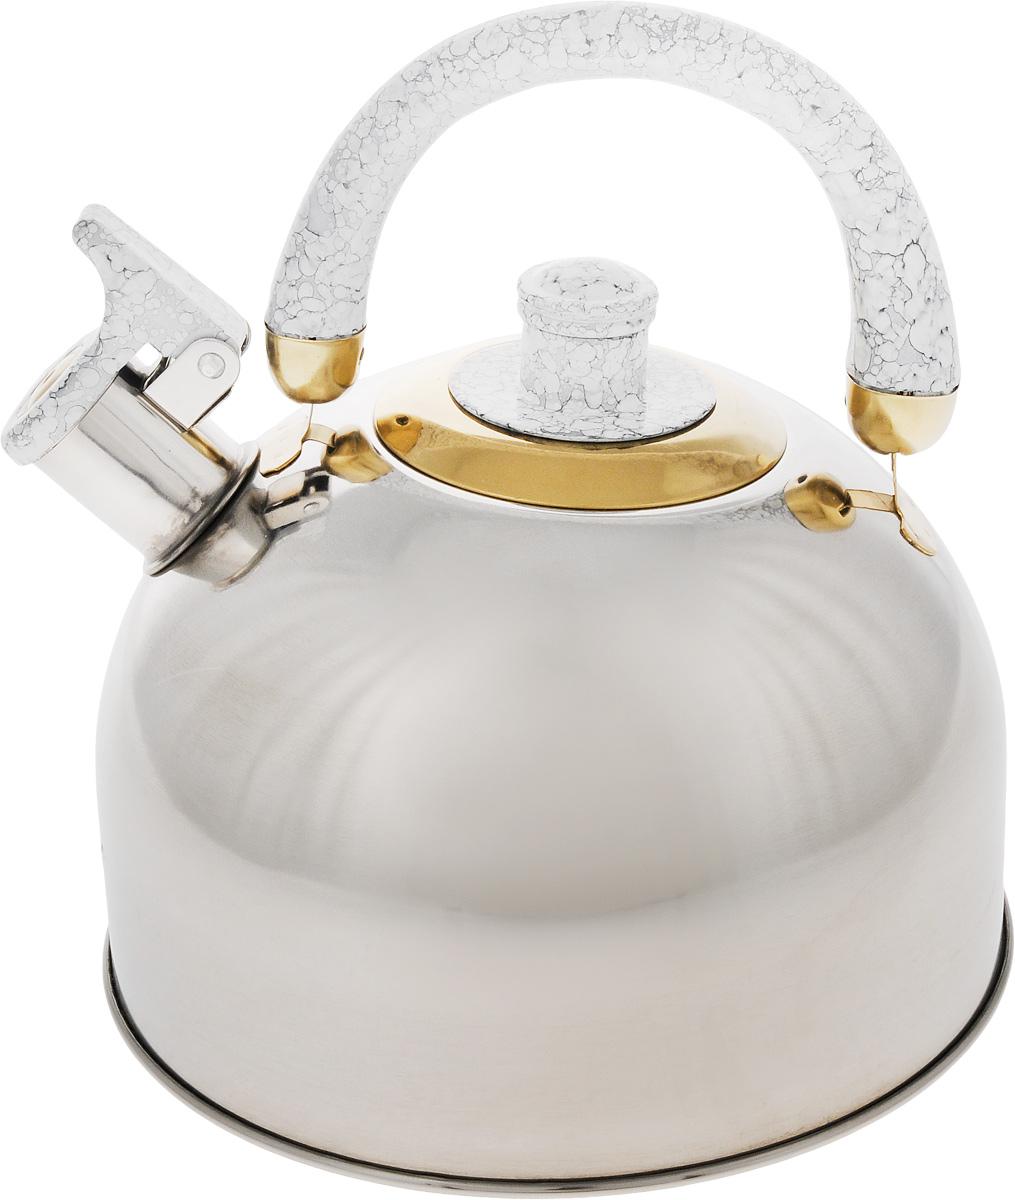 Чайник Mayer & Boch, цвет: стальной, белый, золотой, 4 л. 1046A1046A_стальной, белый, золотойЧайник Mayer & Boch изготовлен из высококачественной нержавеющей стали с зеркальной полировкой, что делает его весьма гигиеничным и устойчивым к износу при длительном использовании. Гладкая и ровная поверхность существенно облегчает уход за посудой. Выполненный из качественных материалов чайник при кипячении сохраняет все полезные свойства воды. Носик чайника имеет откидной свисток, звуковой сигнал которого подскажет, когда закипит вода. Крышка, свисток и ручка выполнены из бакелита.Классический дизайн чайника Mayer & Boch дополнит любую кухню. Подходит для использования на всех типах кухонных плит, кроме индукционных.Высота чайника (с учетом ручки): 21 см. Высота чайника (без учета ручки и крышки): 12 см. Диаметр по верхнему краю: 8,5 см.